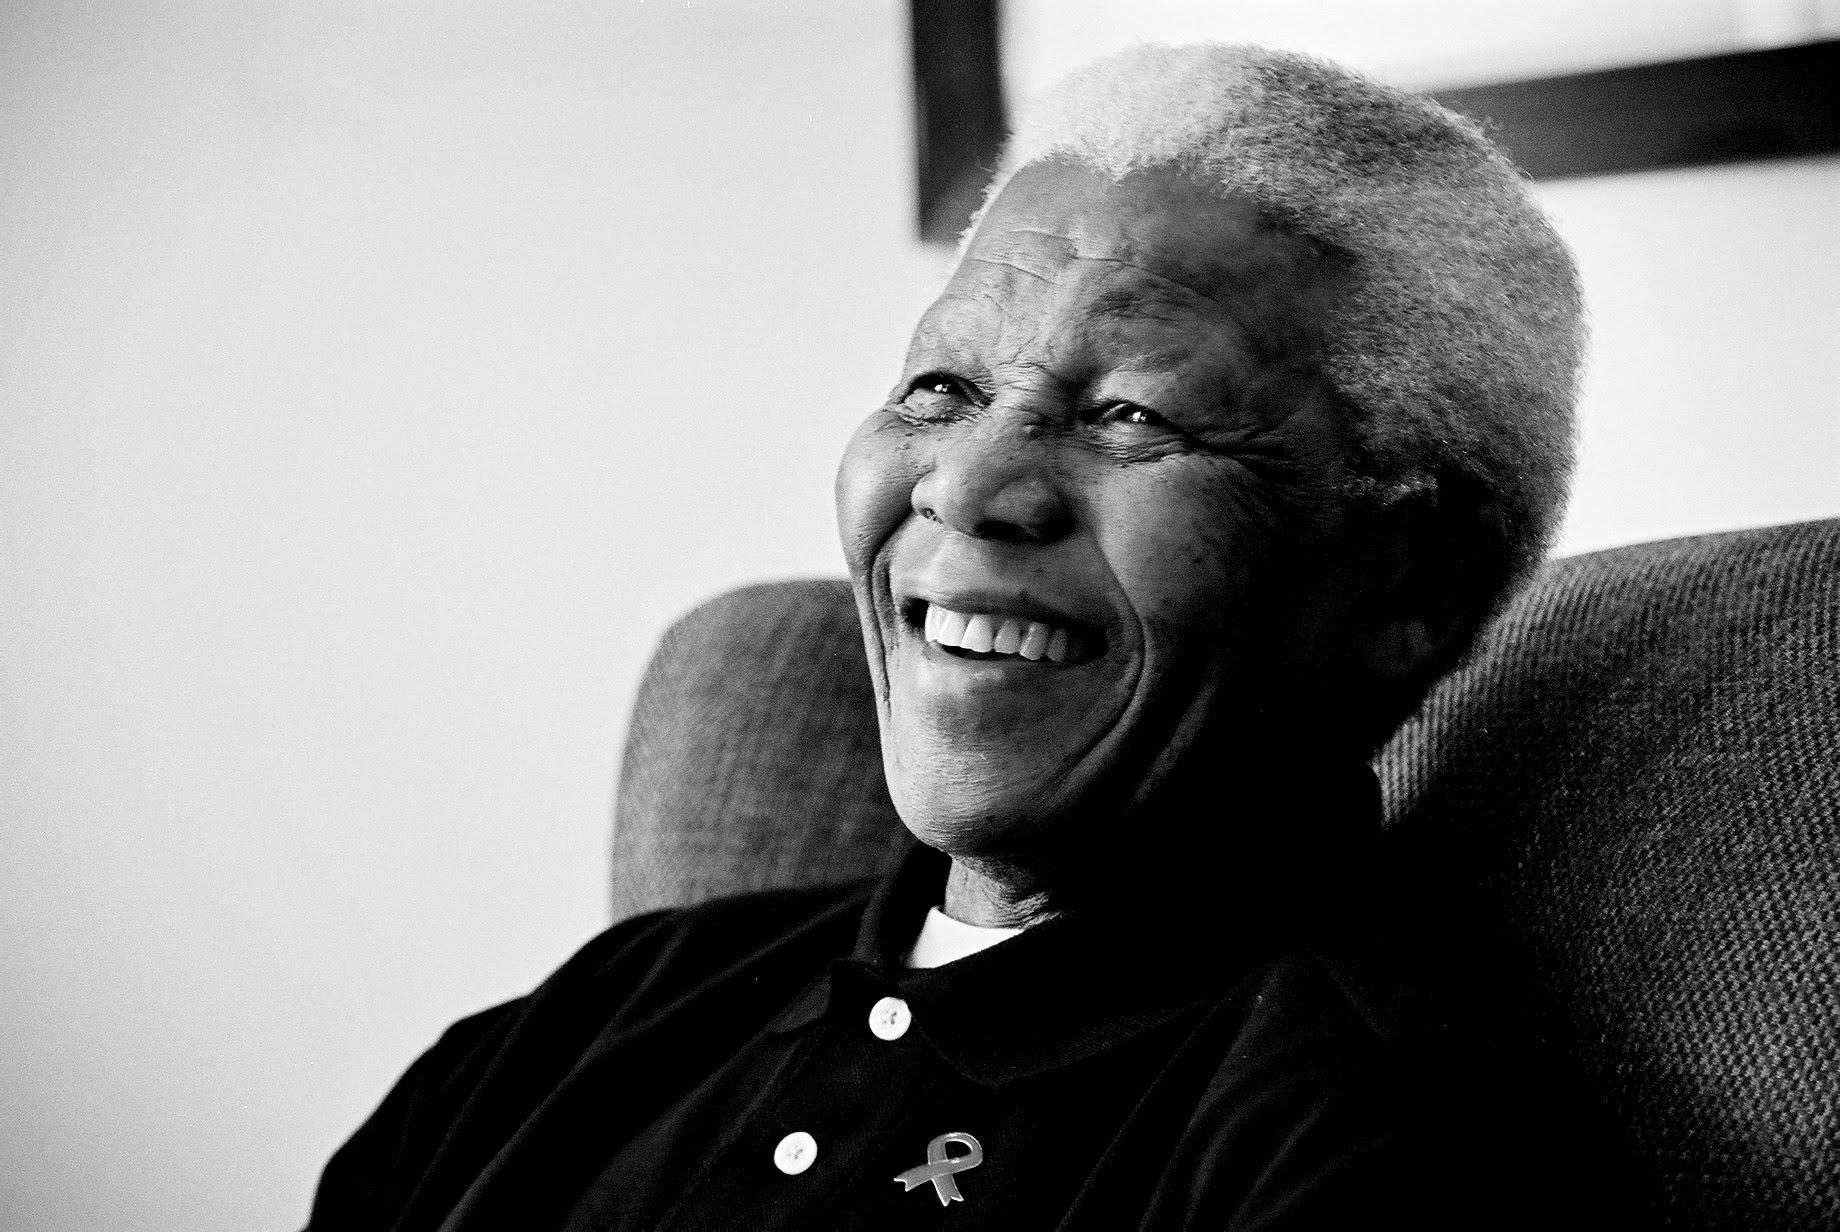 Firenze ricorda Nelson Mandela Premio Nobel per la pace  nel 6° anniversario della scomparsa